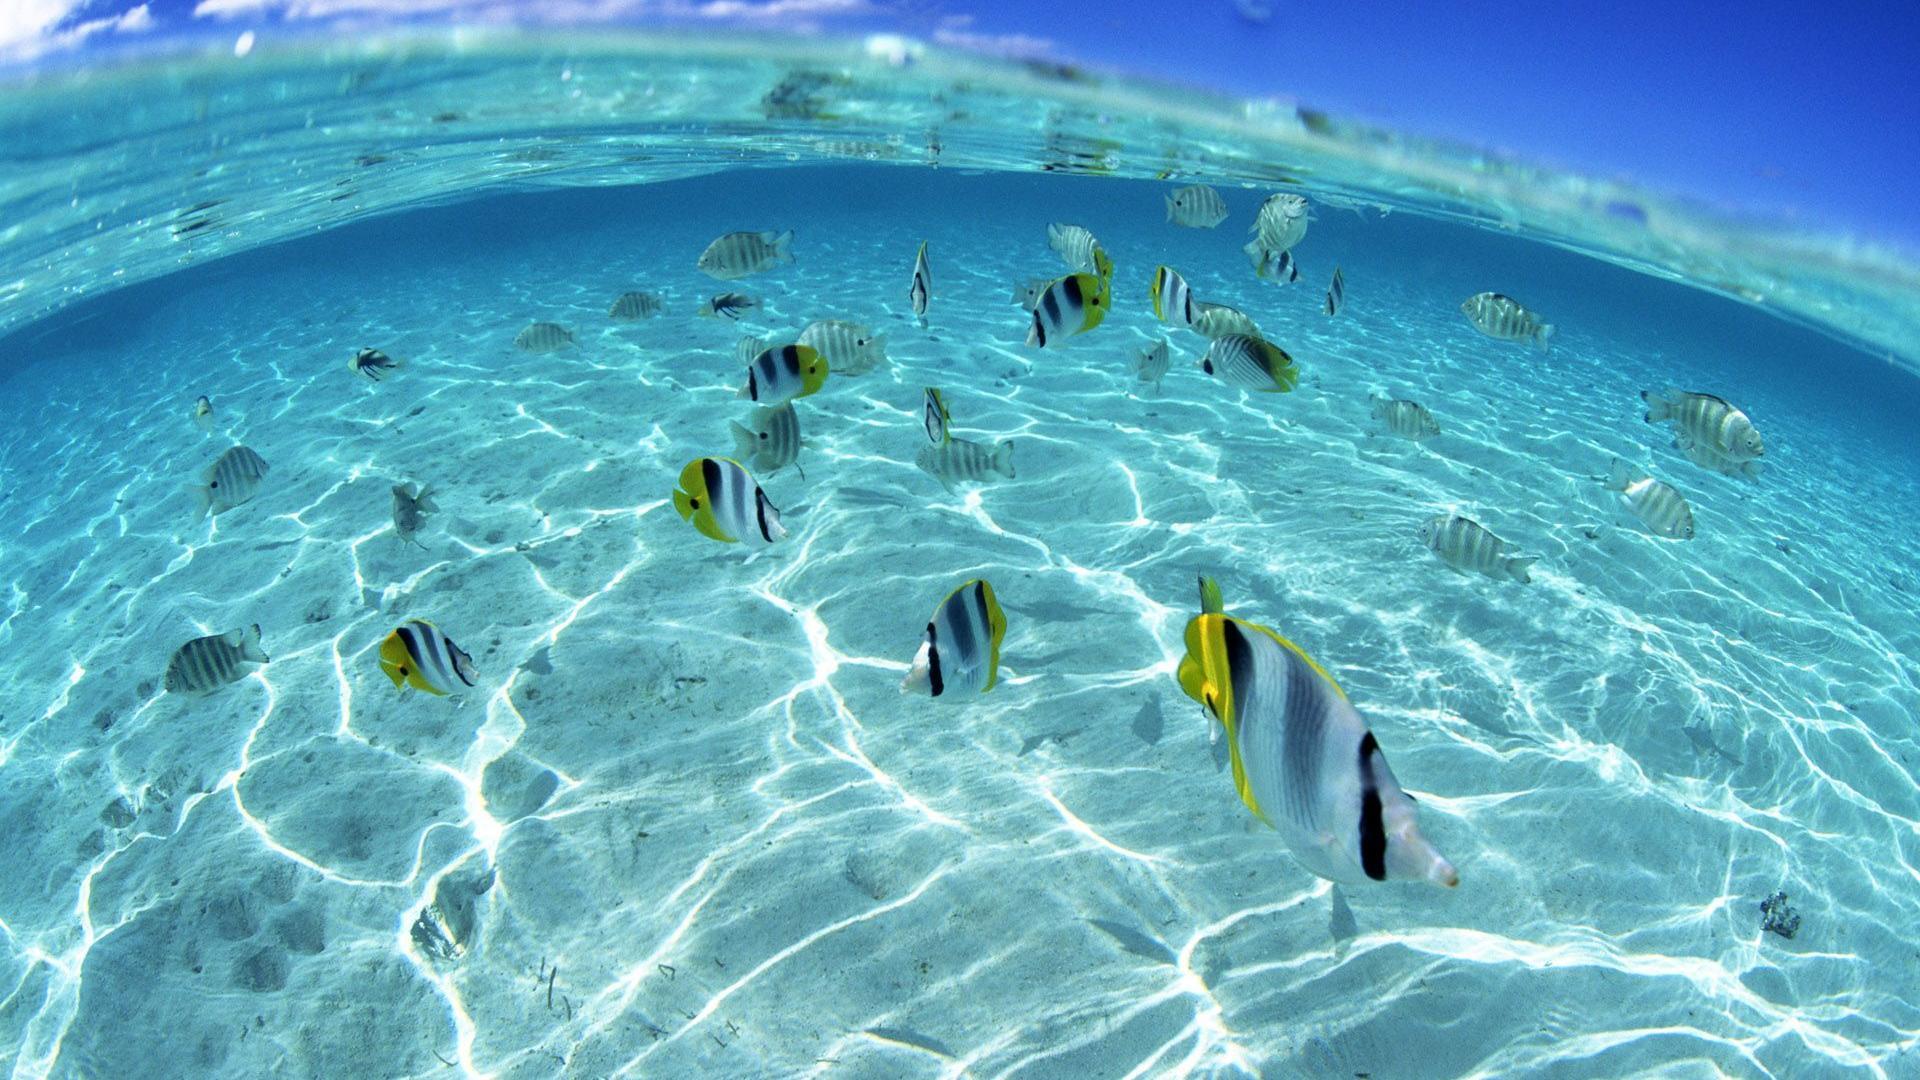 Hd wallpaper underwater -  Underwater Wallpapers Hd Download